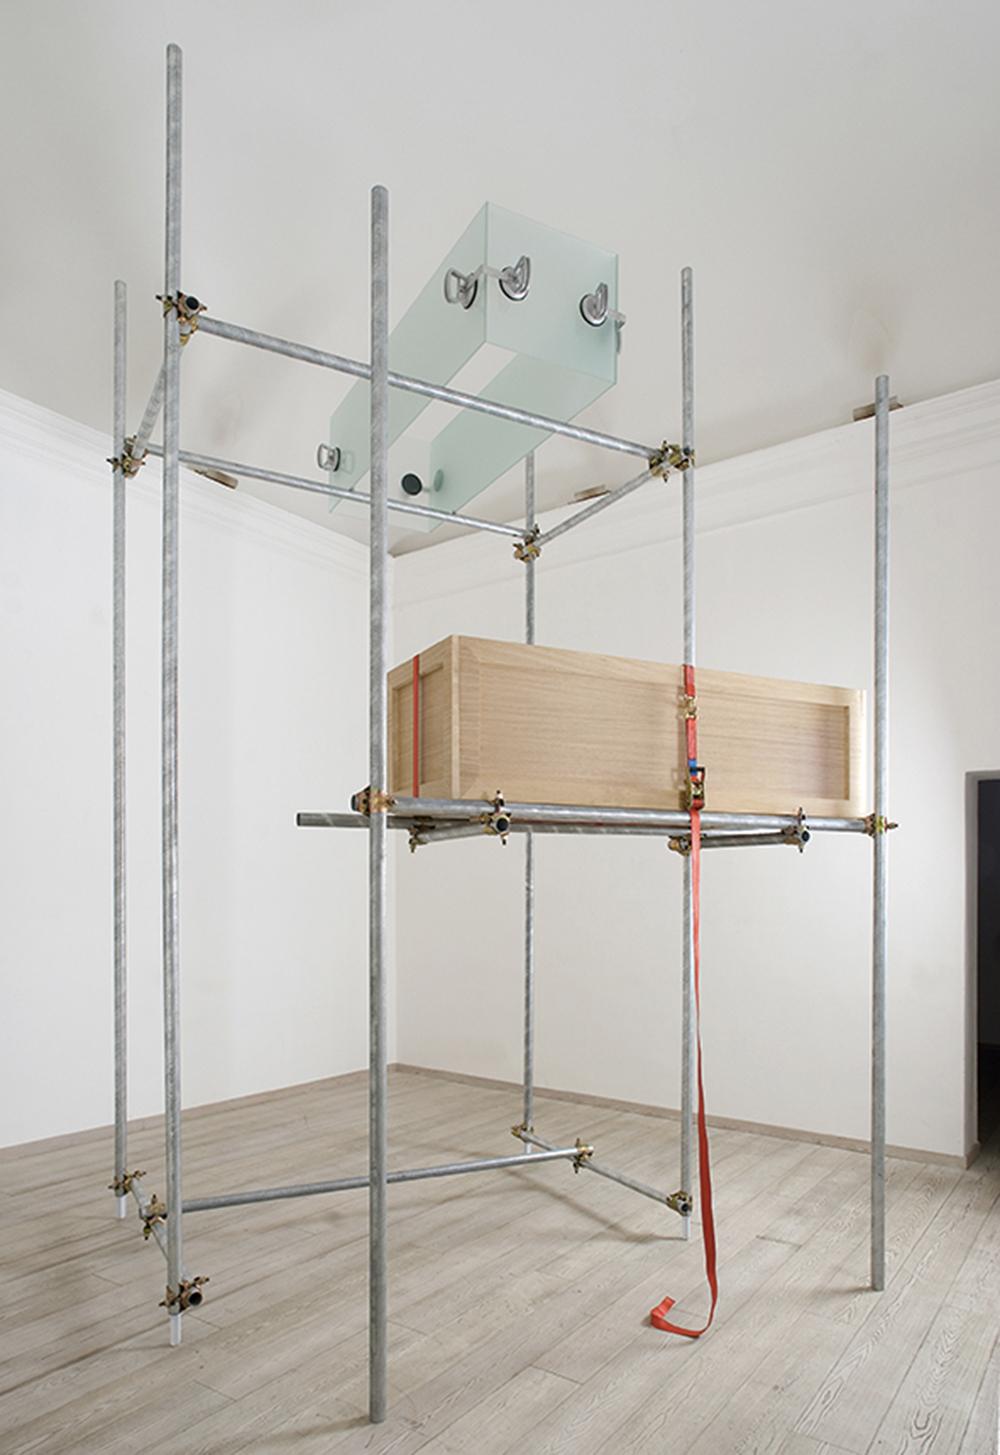 Divaga ma non troppo, 2008, tubi in ferro zincato, legno, vetro, fasce in nylon e ventose, dimensione ambiente